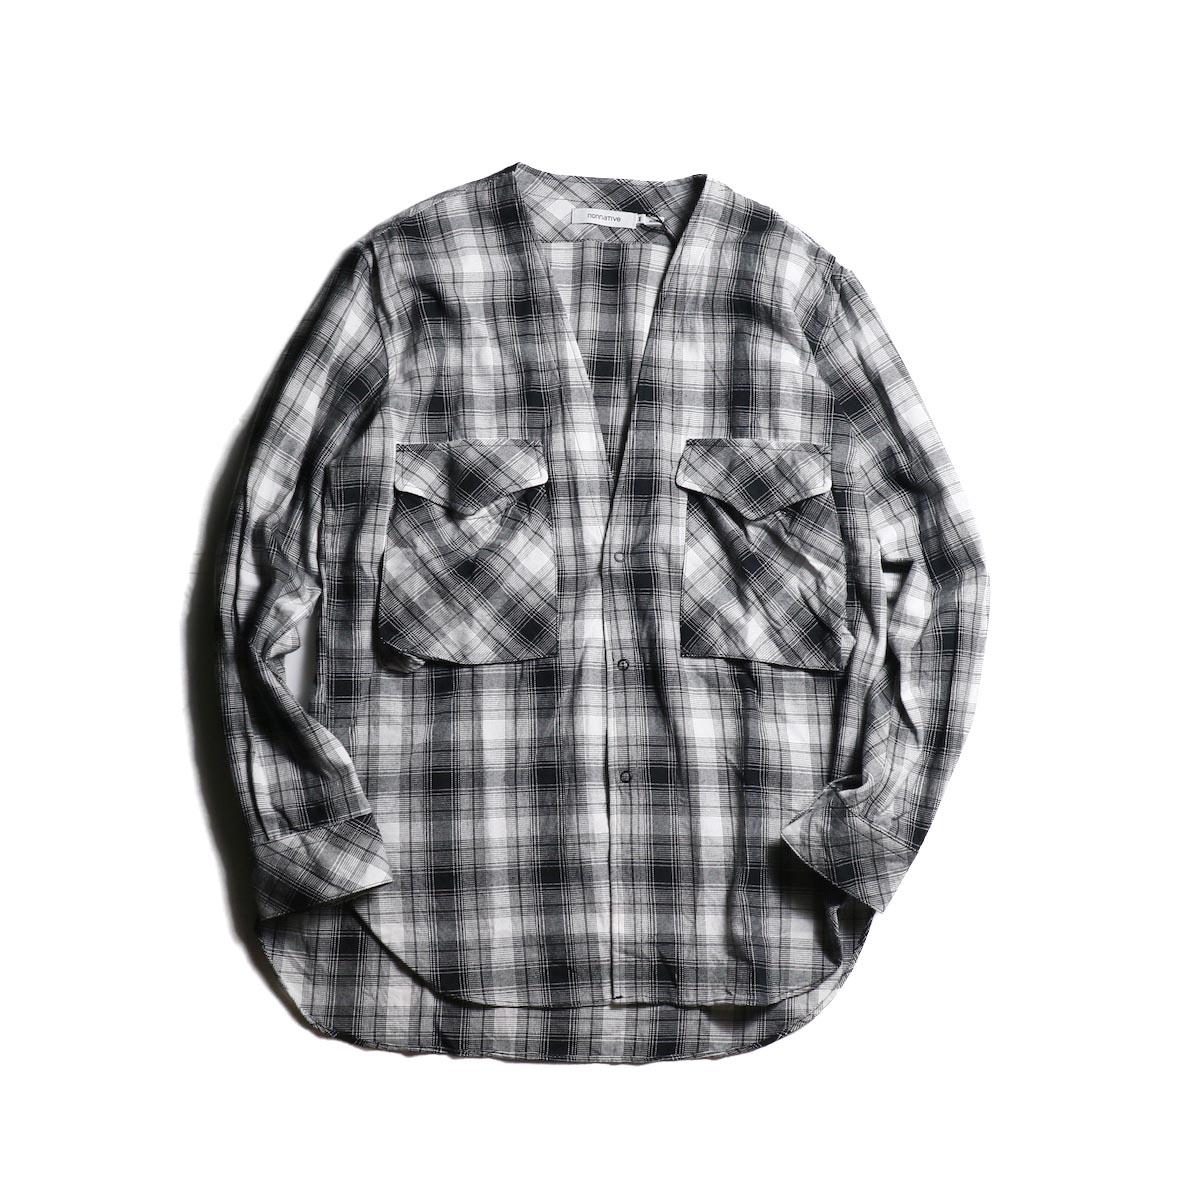 nonnative / CARPENTER SHIRT JACKET COTTON OMBRE PLAID (Black)